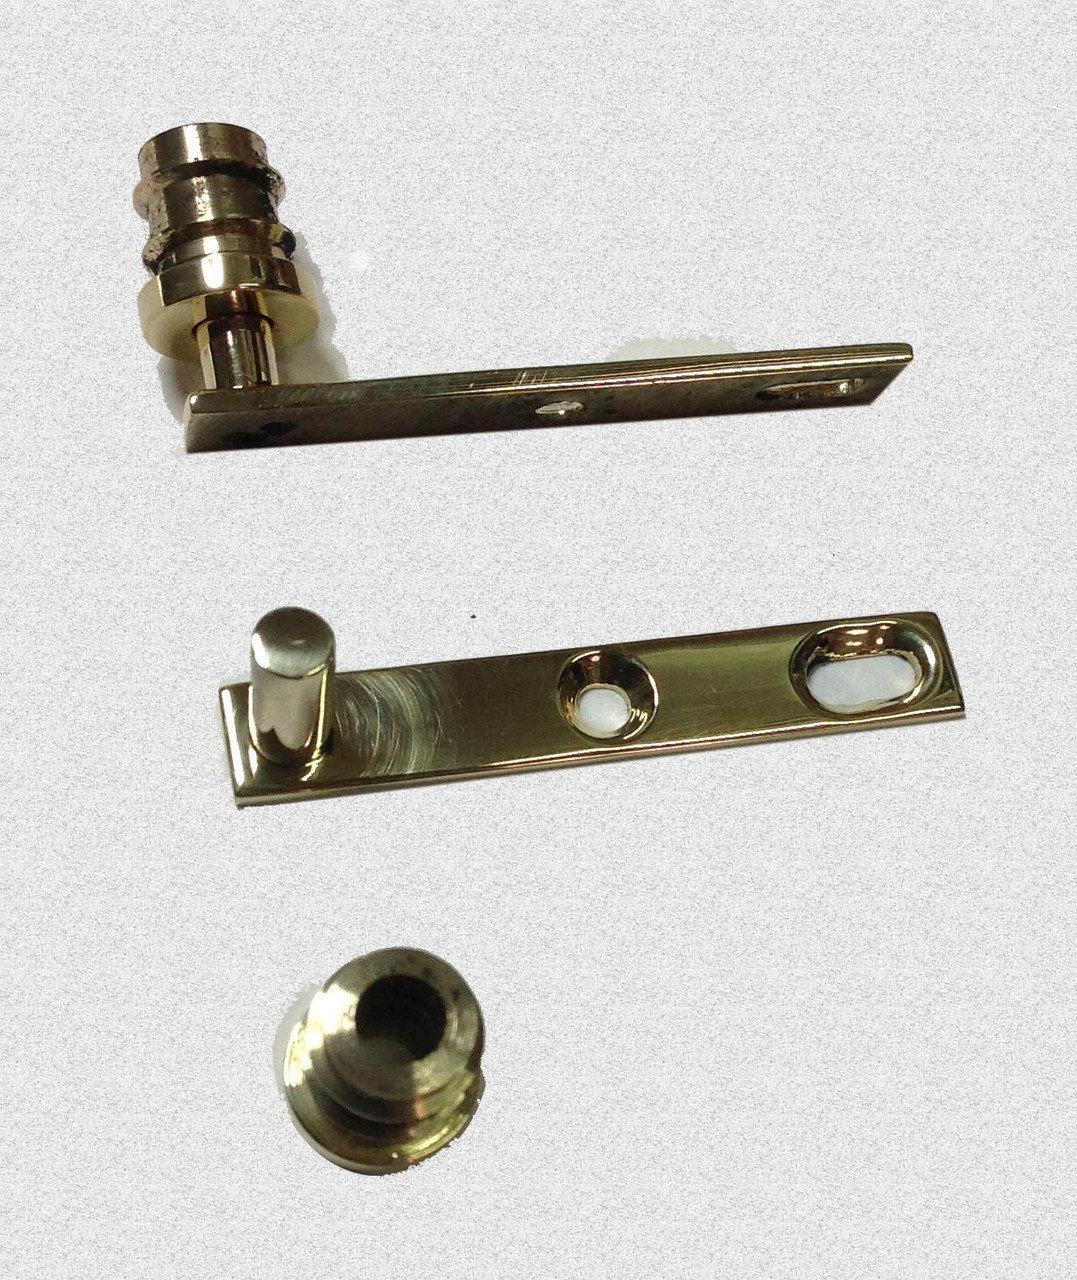 Петля мебельная Г-образная, арт: 04-004-Г